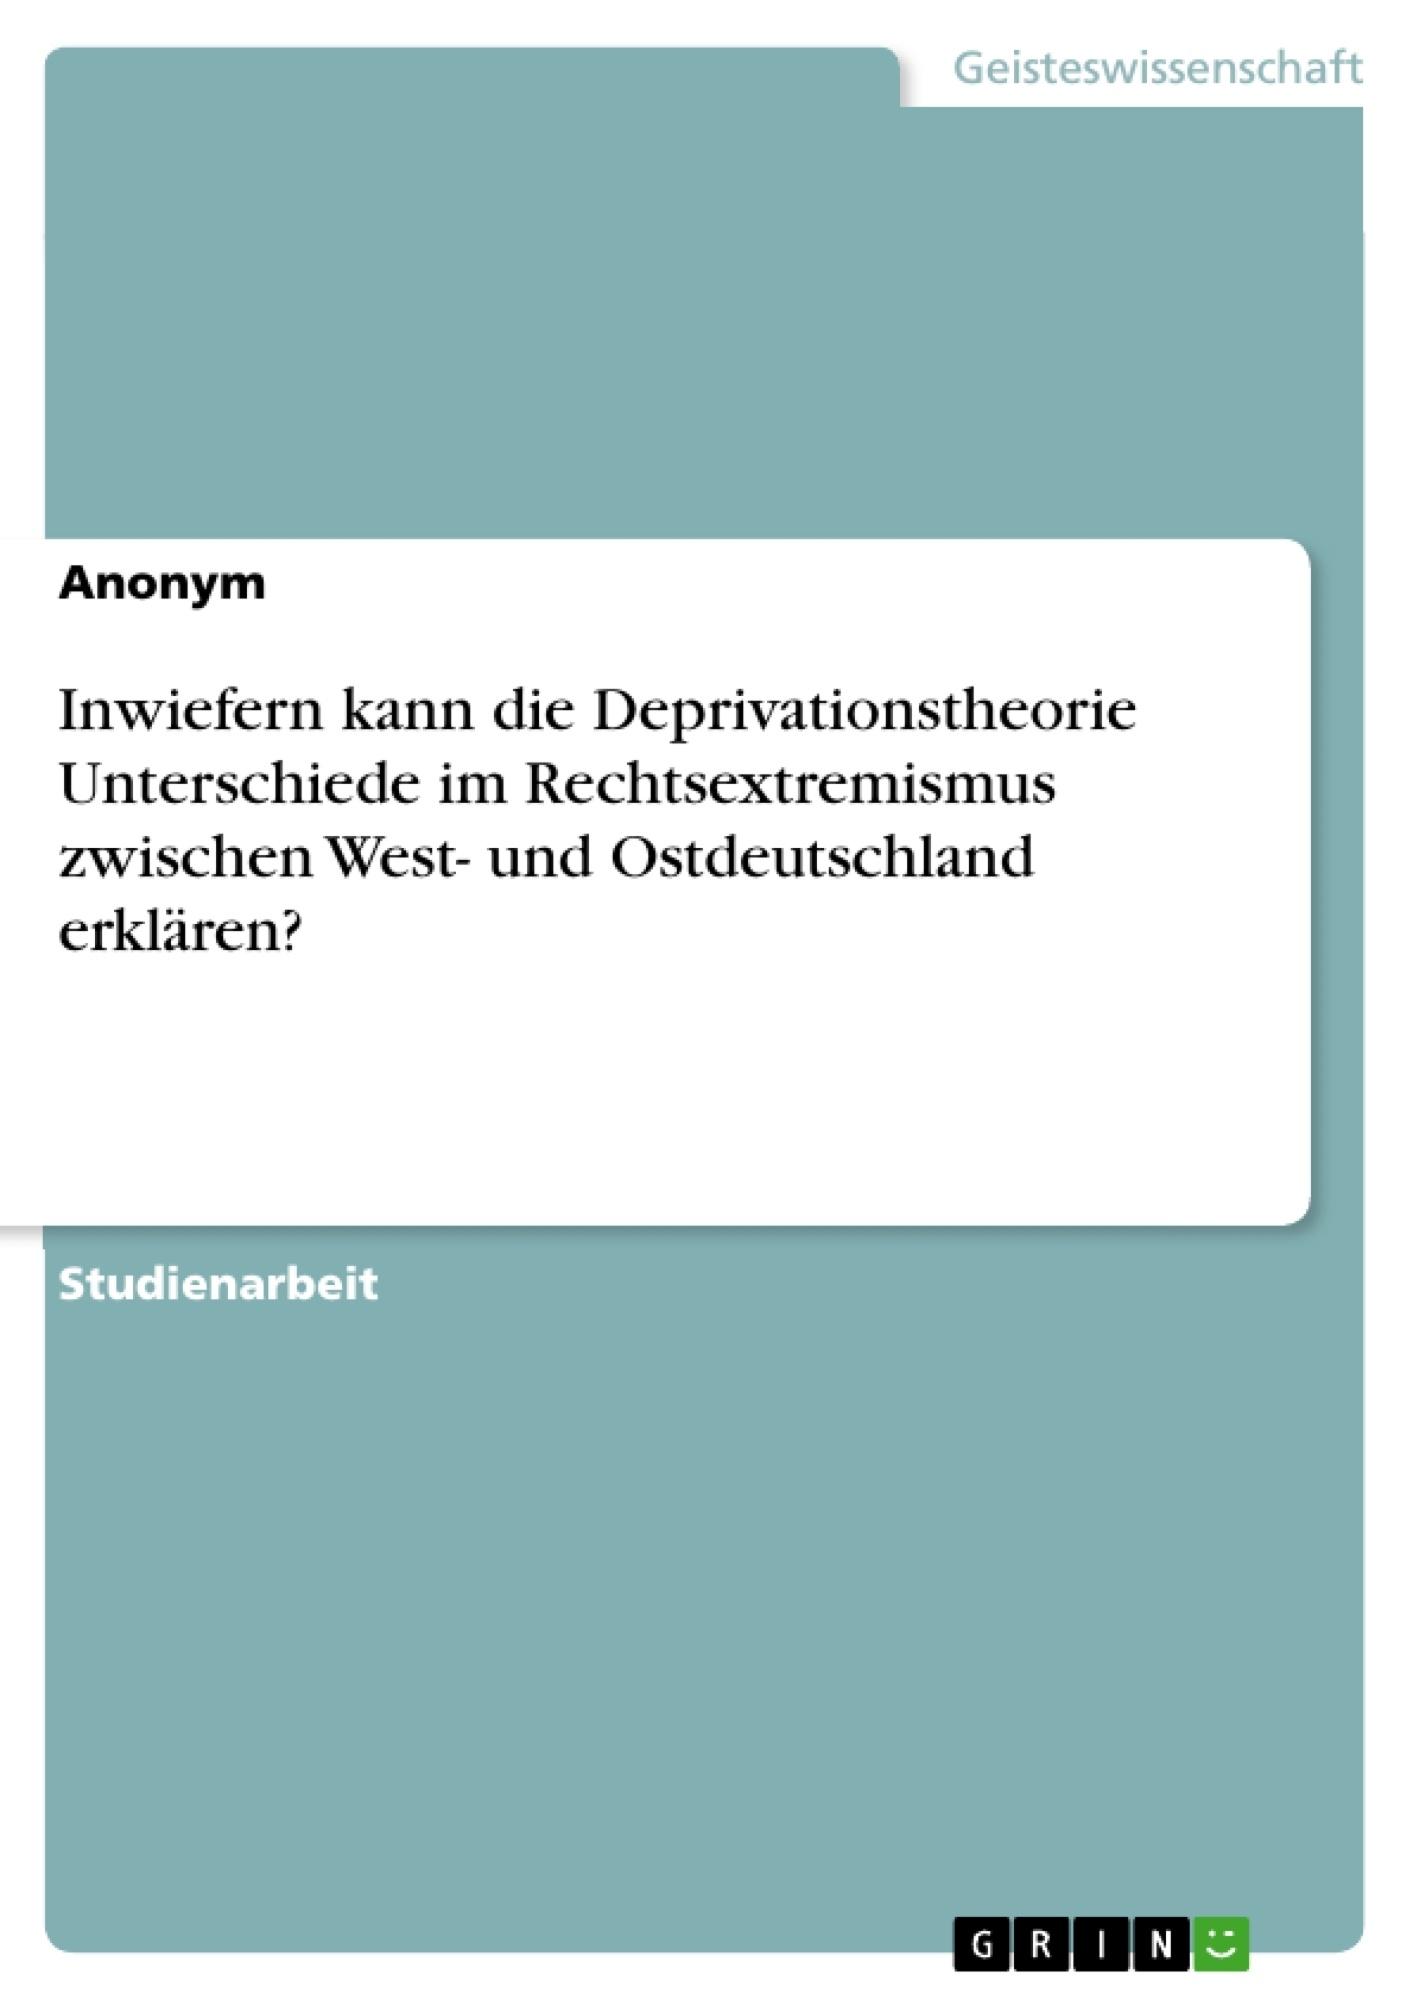 Titel: Inwiefern kann die Deprivationstheorie Unterschiede im Rechtsextremismus zwischen West- und Ostdeutschland erklären?